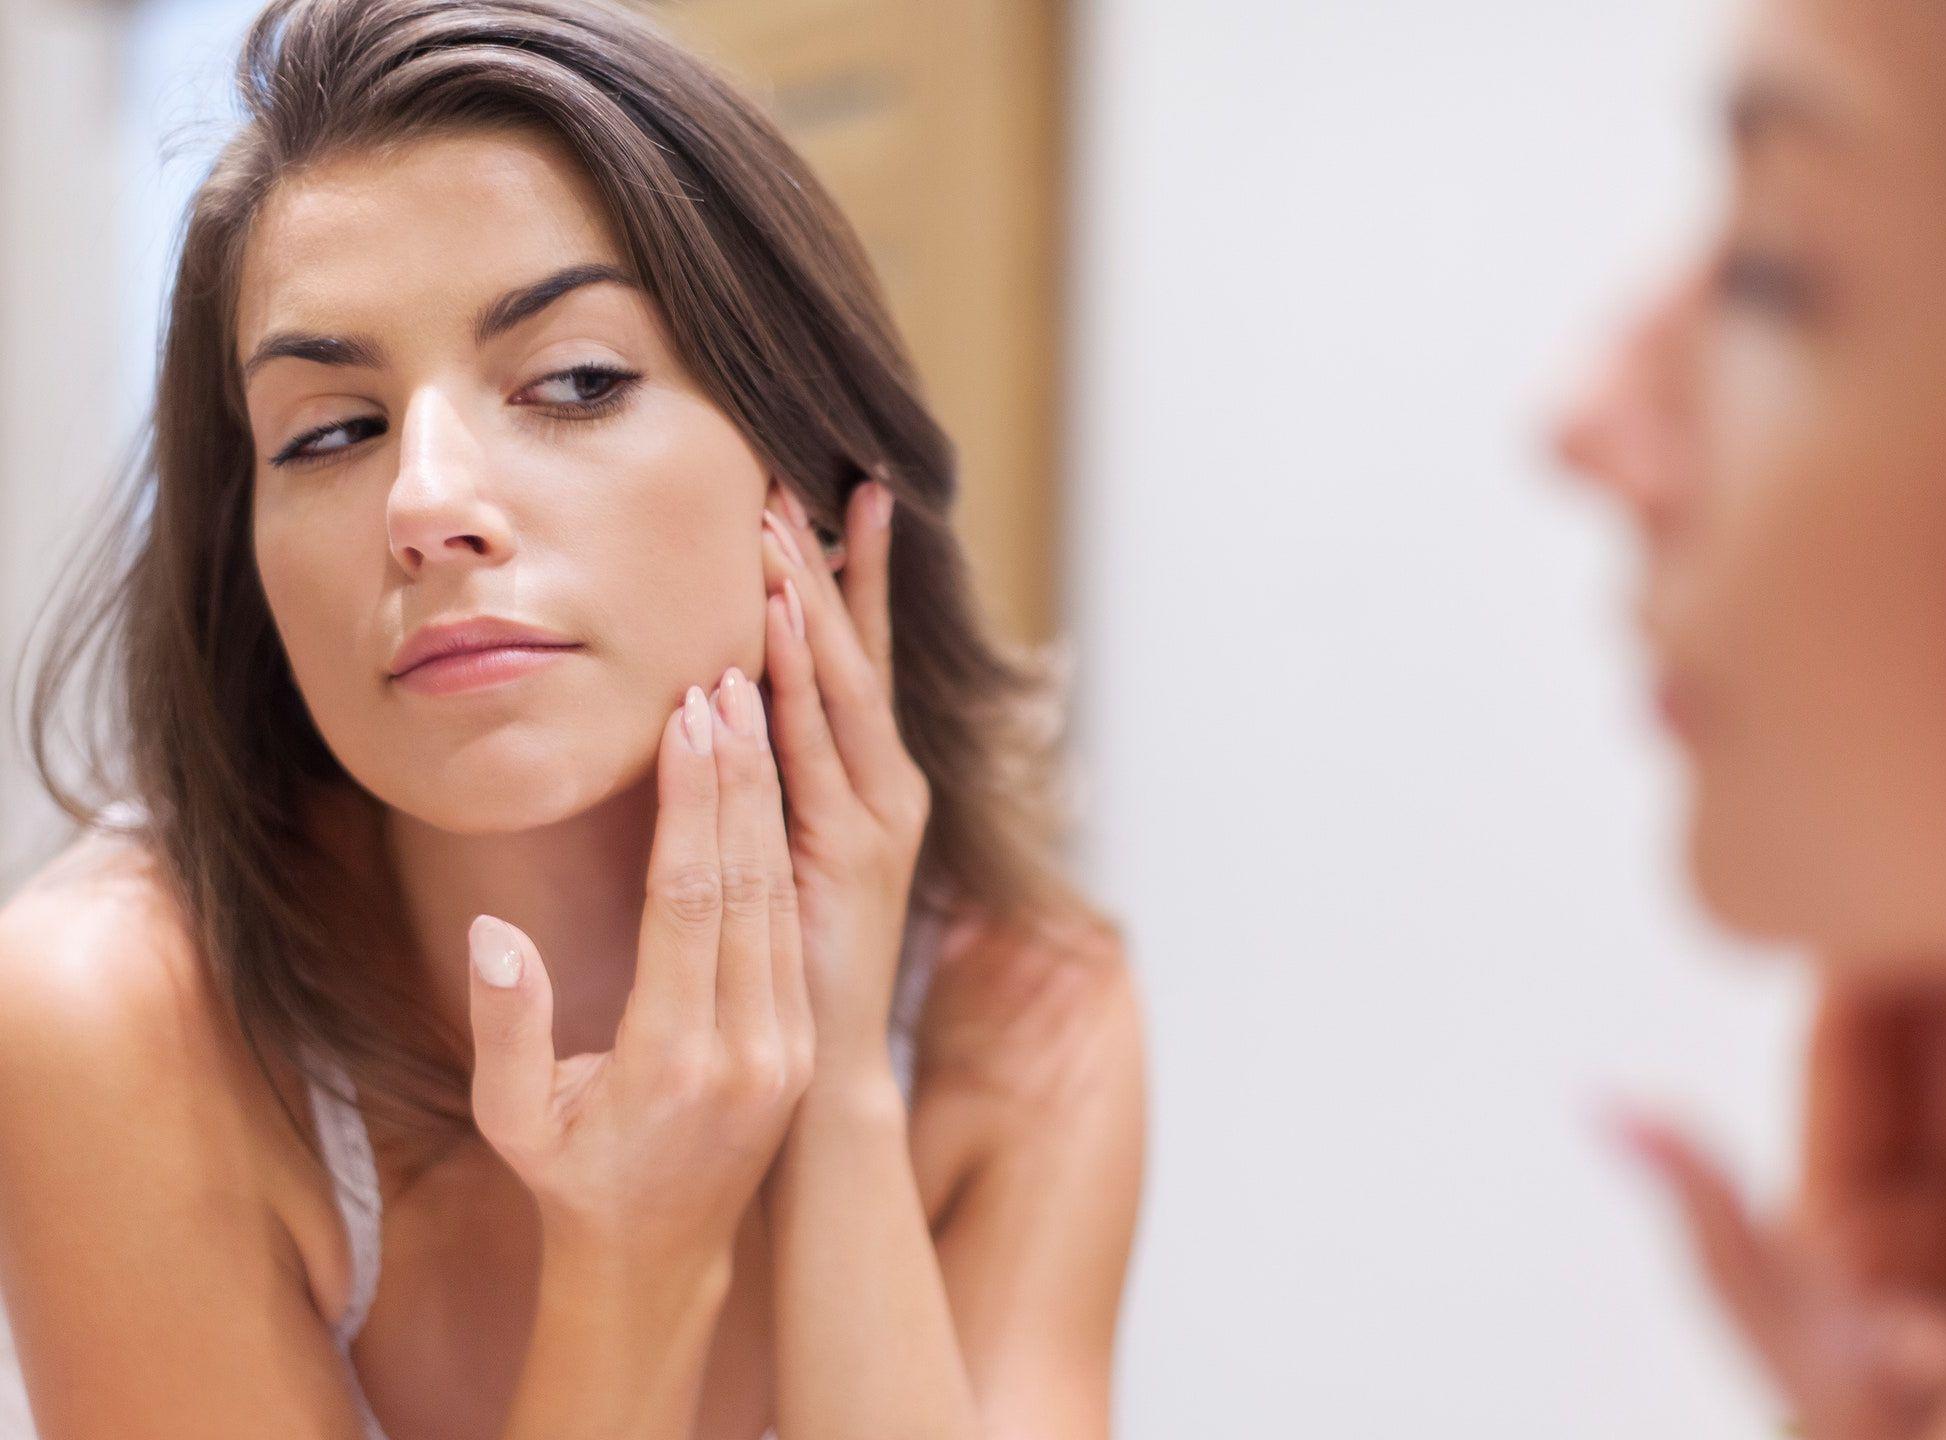 bőrgyógyász méregtelenítést igényelhet férgek és férgek által készített felnőtteknél